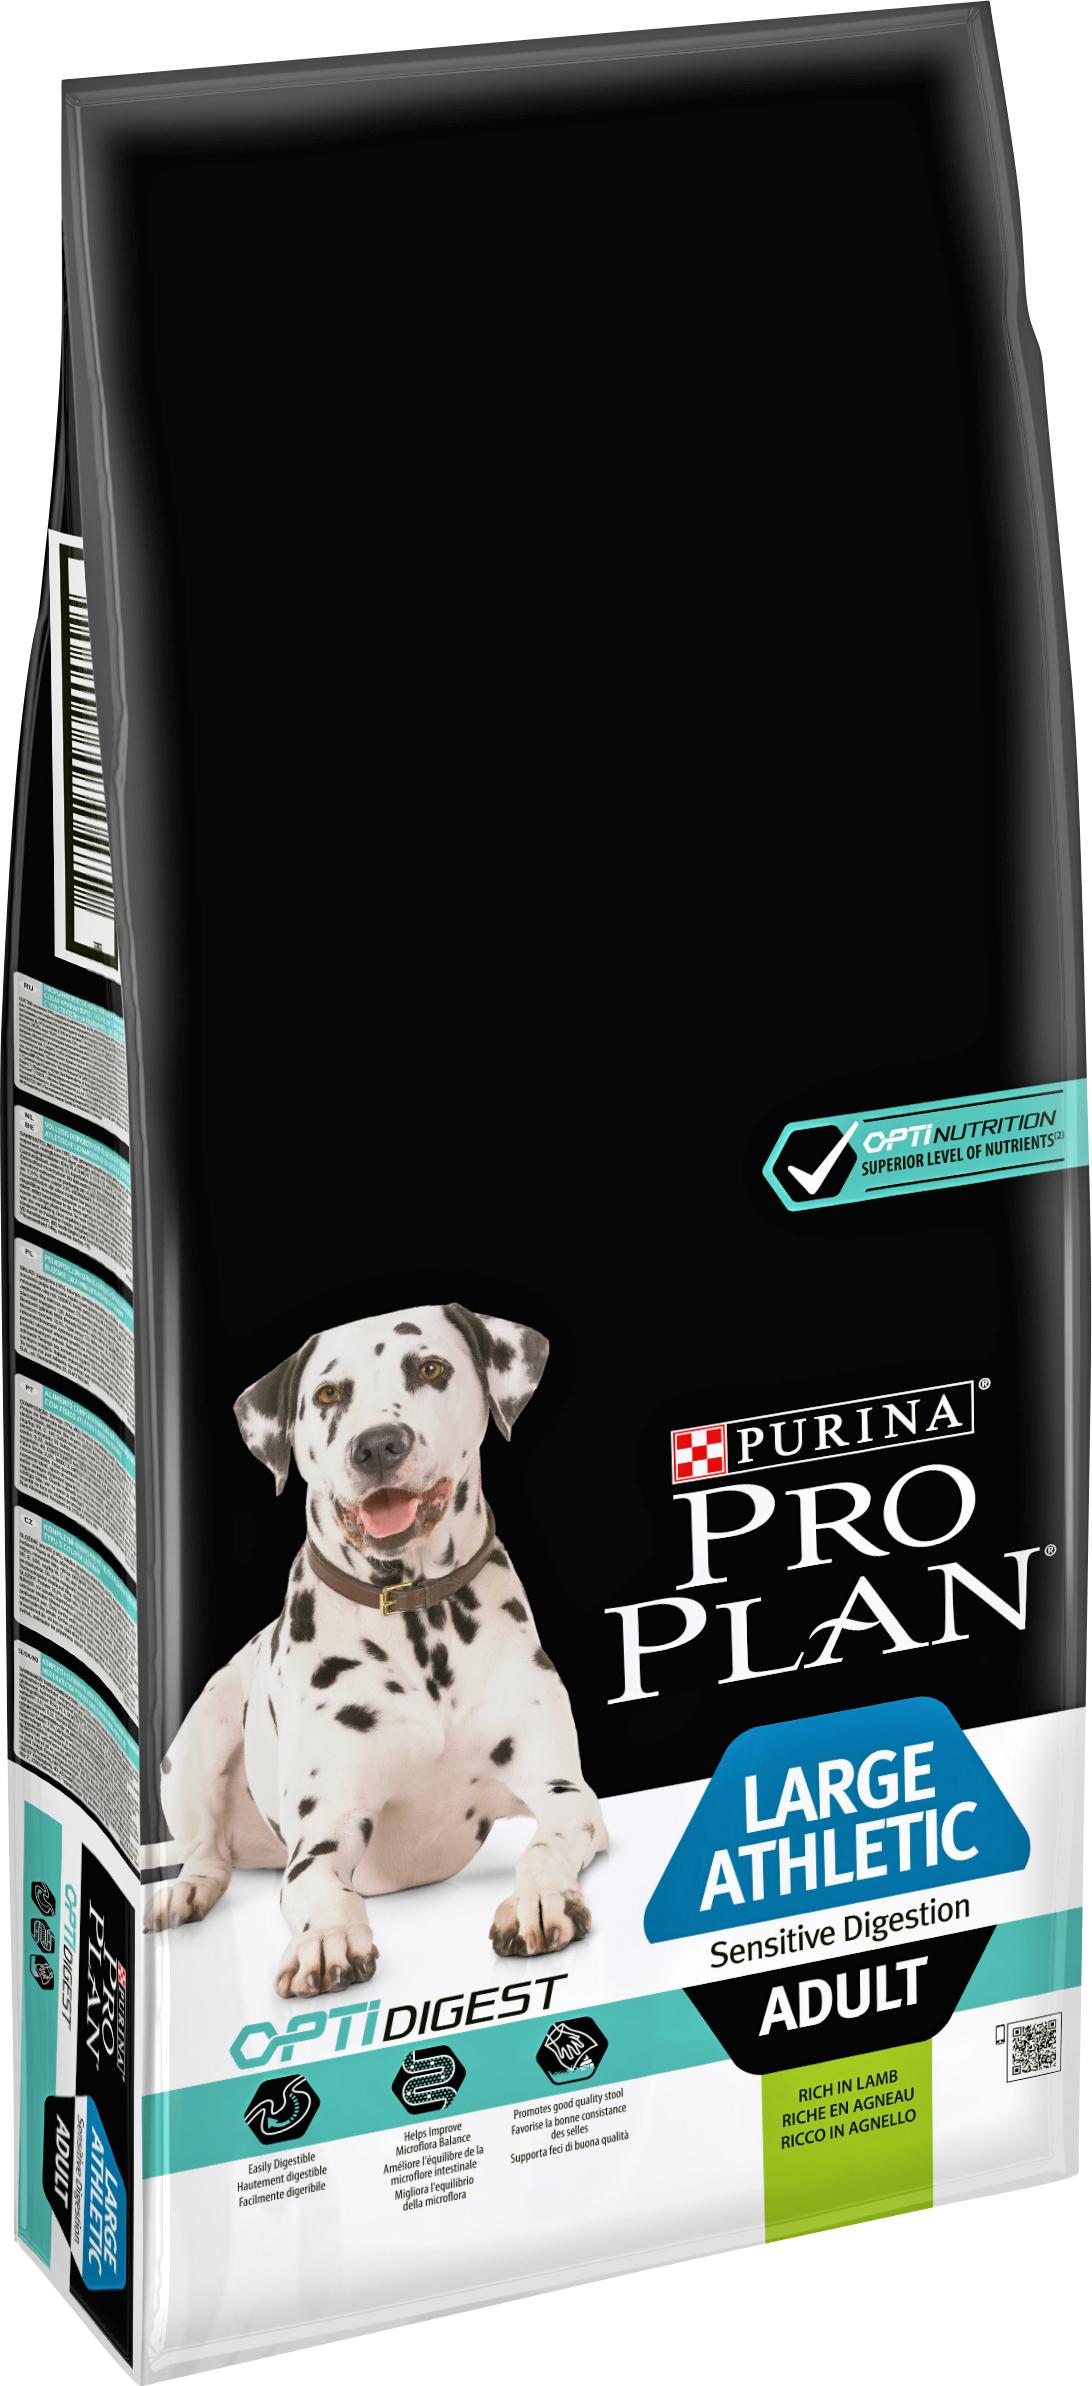 Hundfoder Pro Plan Large Adult Athletic Sensitive Digestion, 14 kg